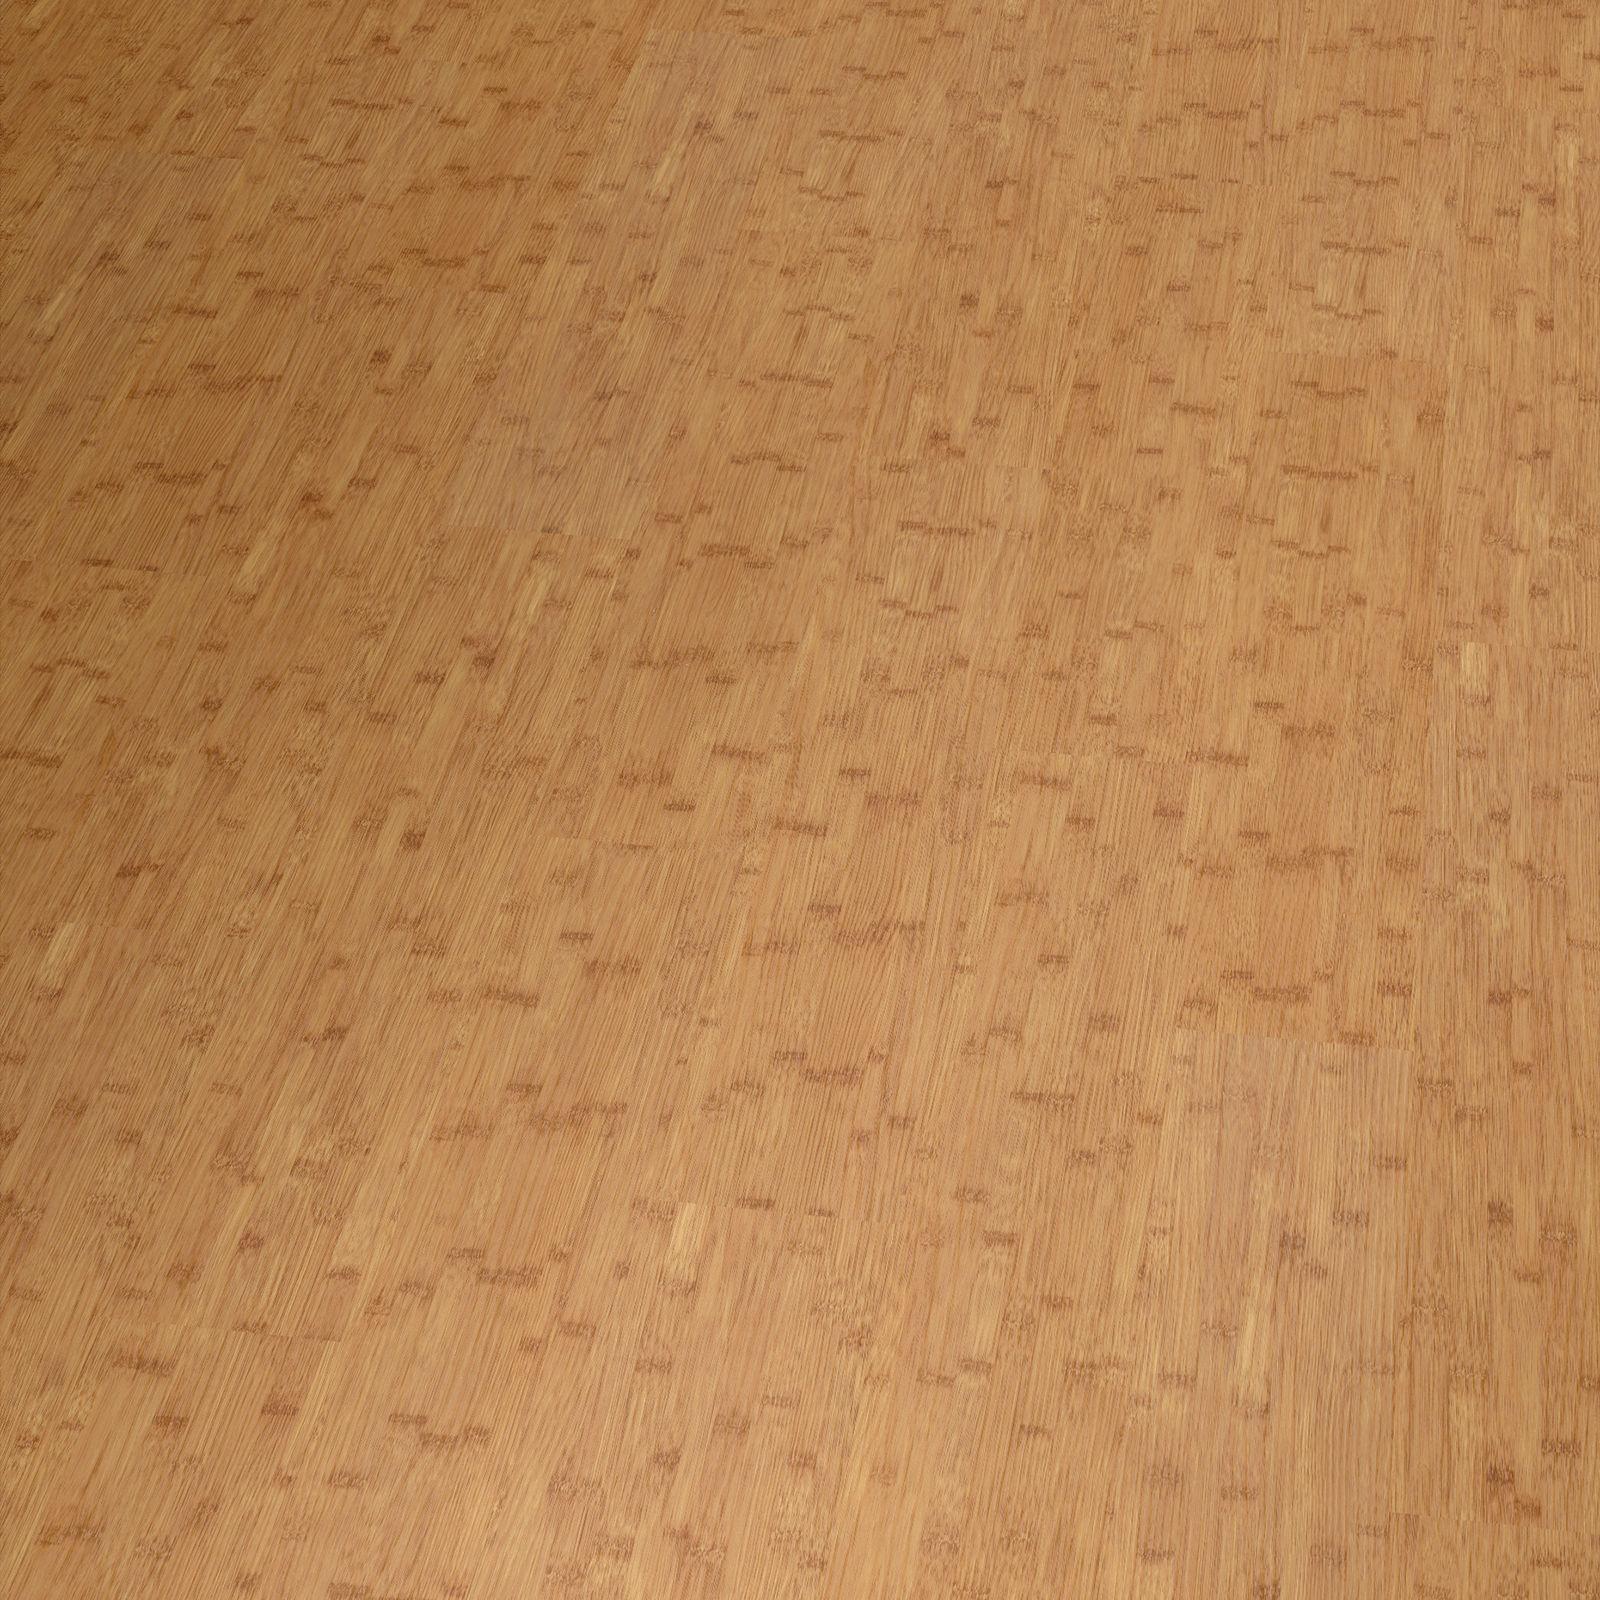 hori klebe vinylboden laminat dielenboden eiche buche steinfliese landhausdiele ebay